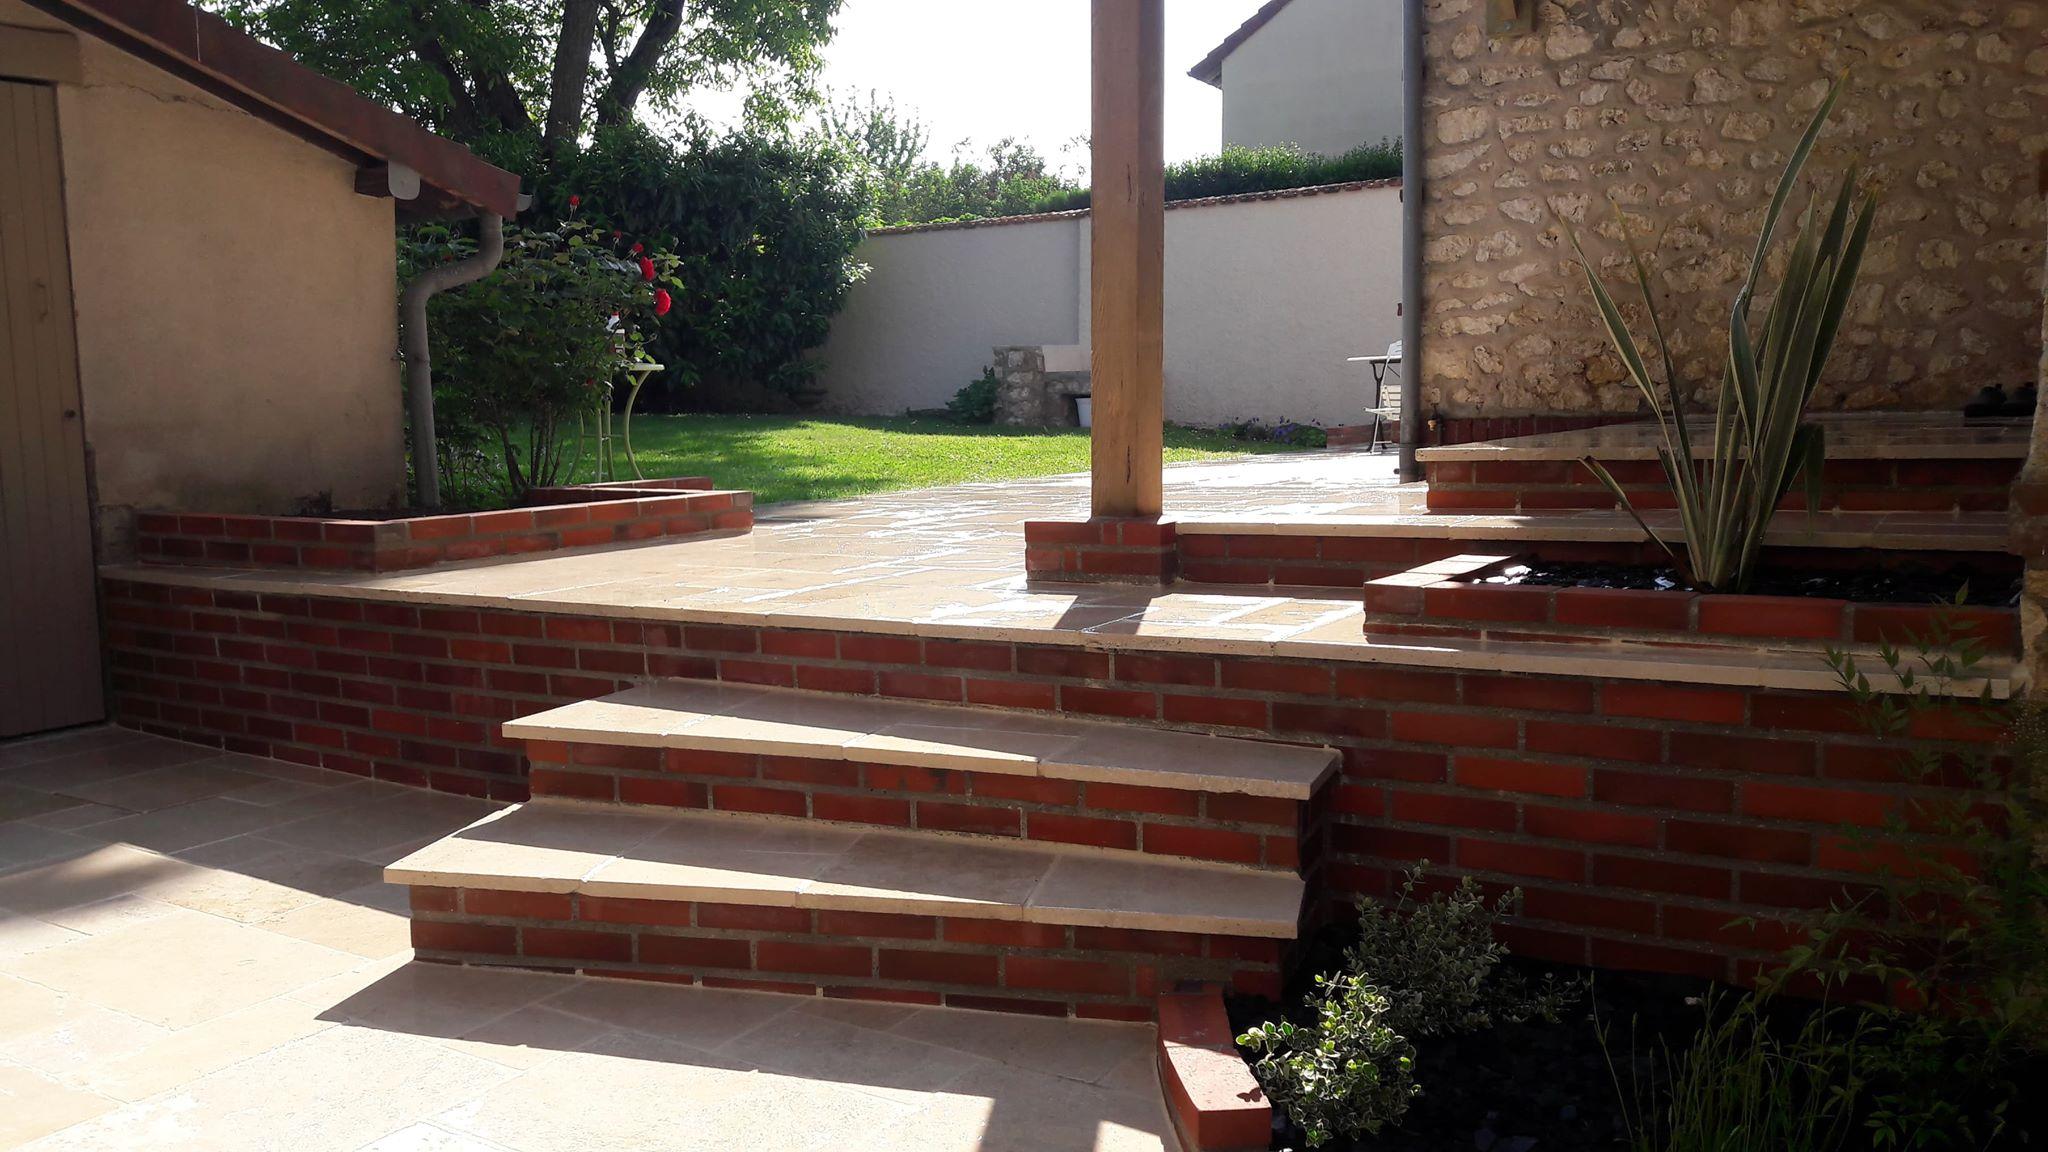 Escalier et terrasse -Travertin calcaire et briquettes rouges